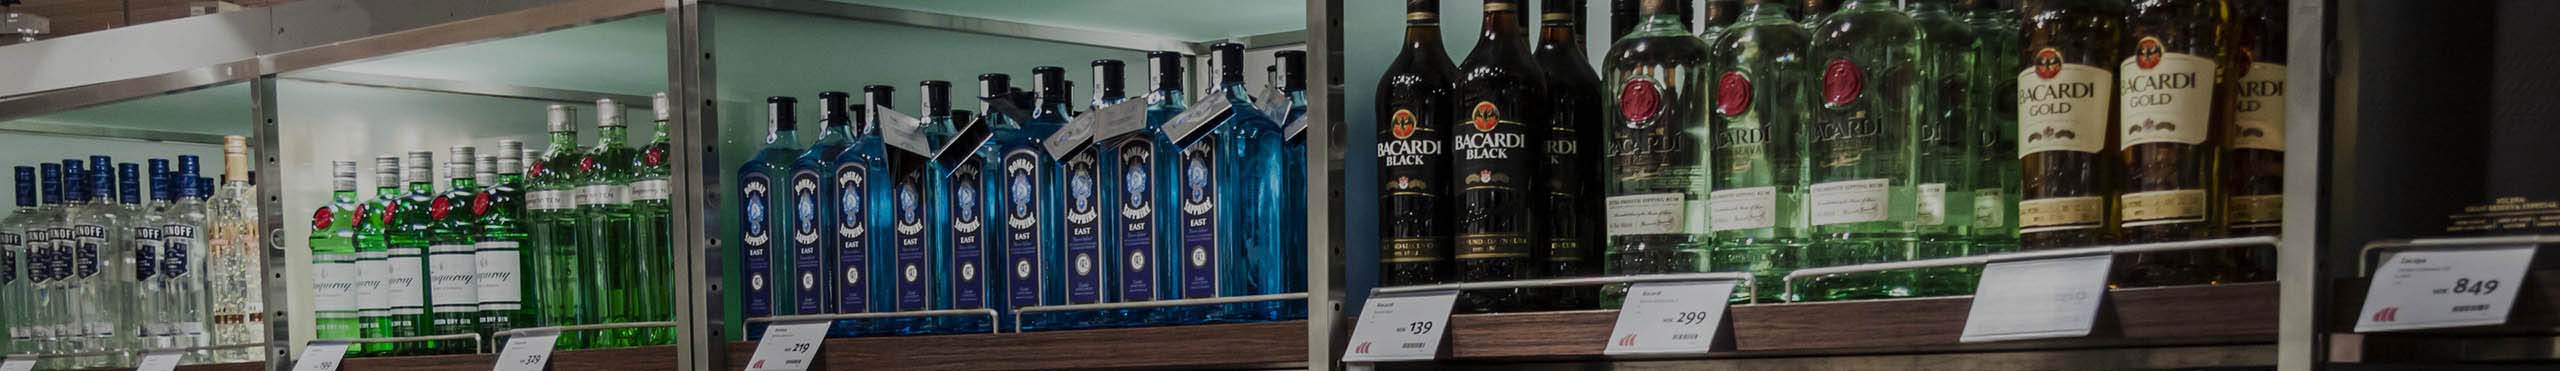 Pernod ricard: Verre à moitié vide ou à moitié plein?